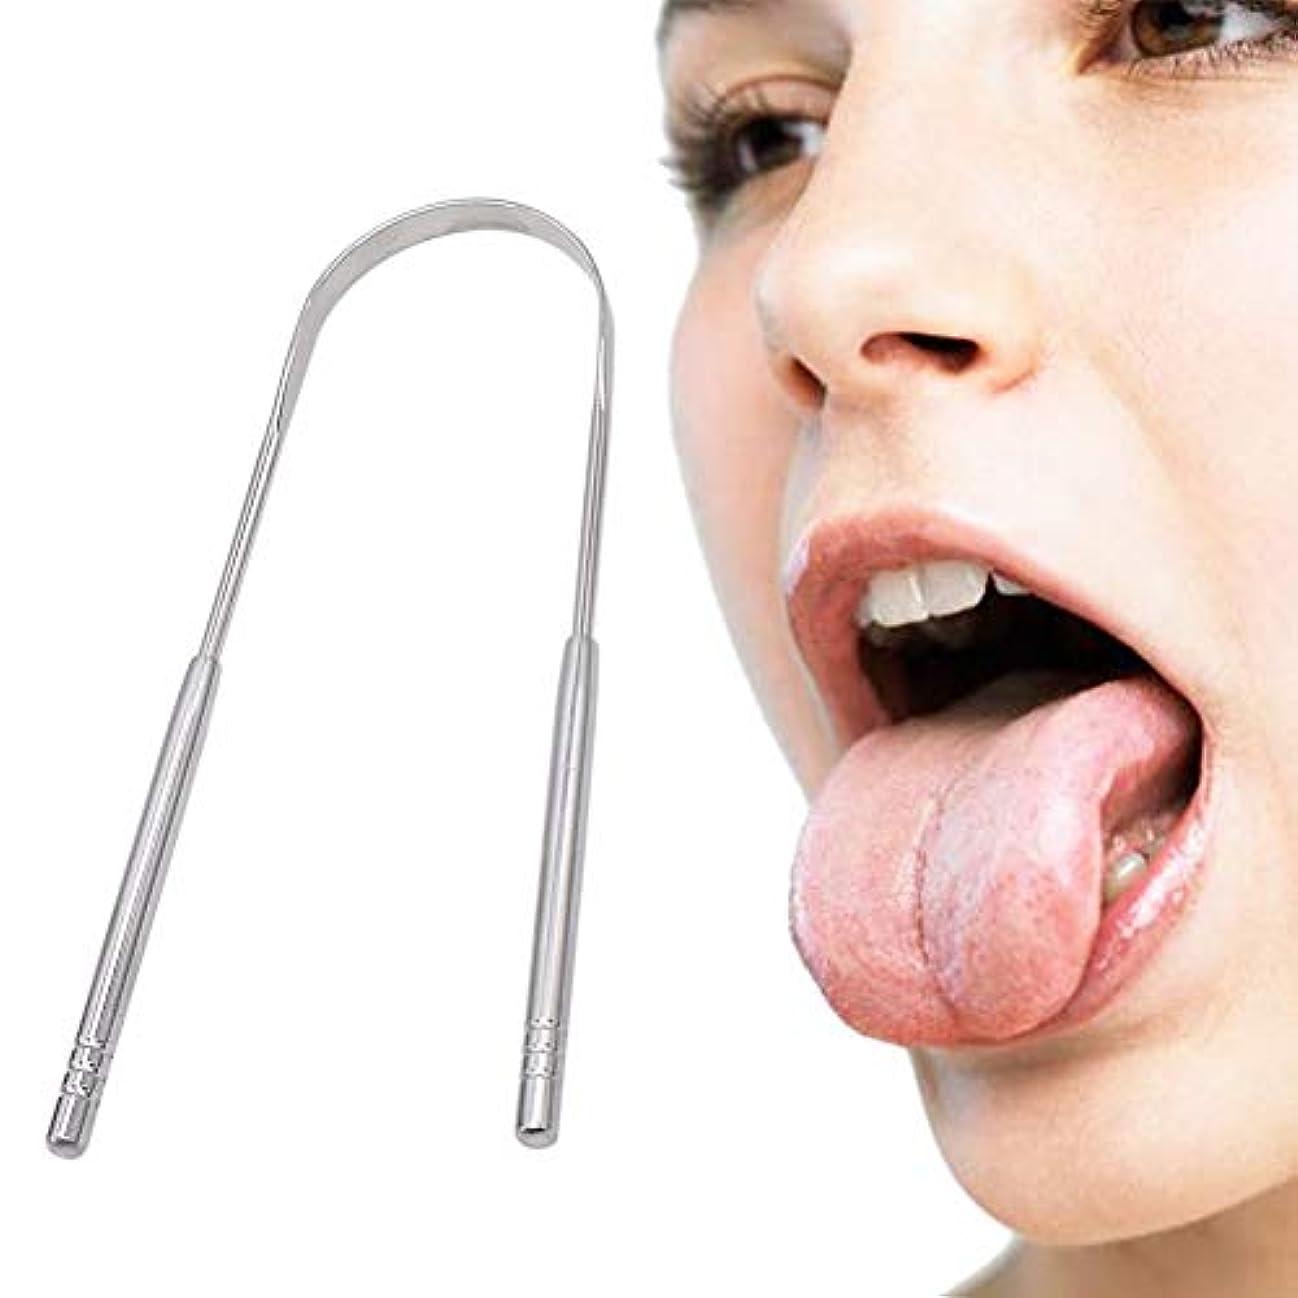 卒業コイル穴Oral Dentistry 舌クリーナー 口臭スイーパー スクレーパー 口腔ケア 舌みがき 舌用 抗菌 健康ツール ステンレス鋼 口臭予防